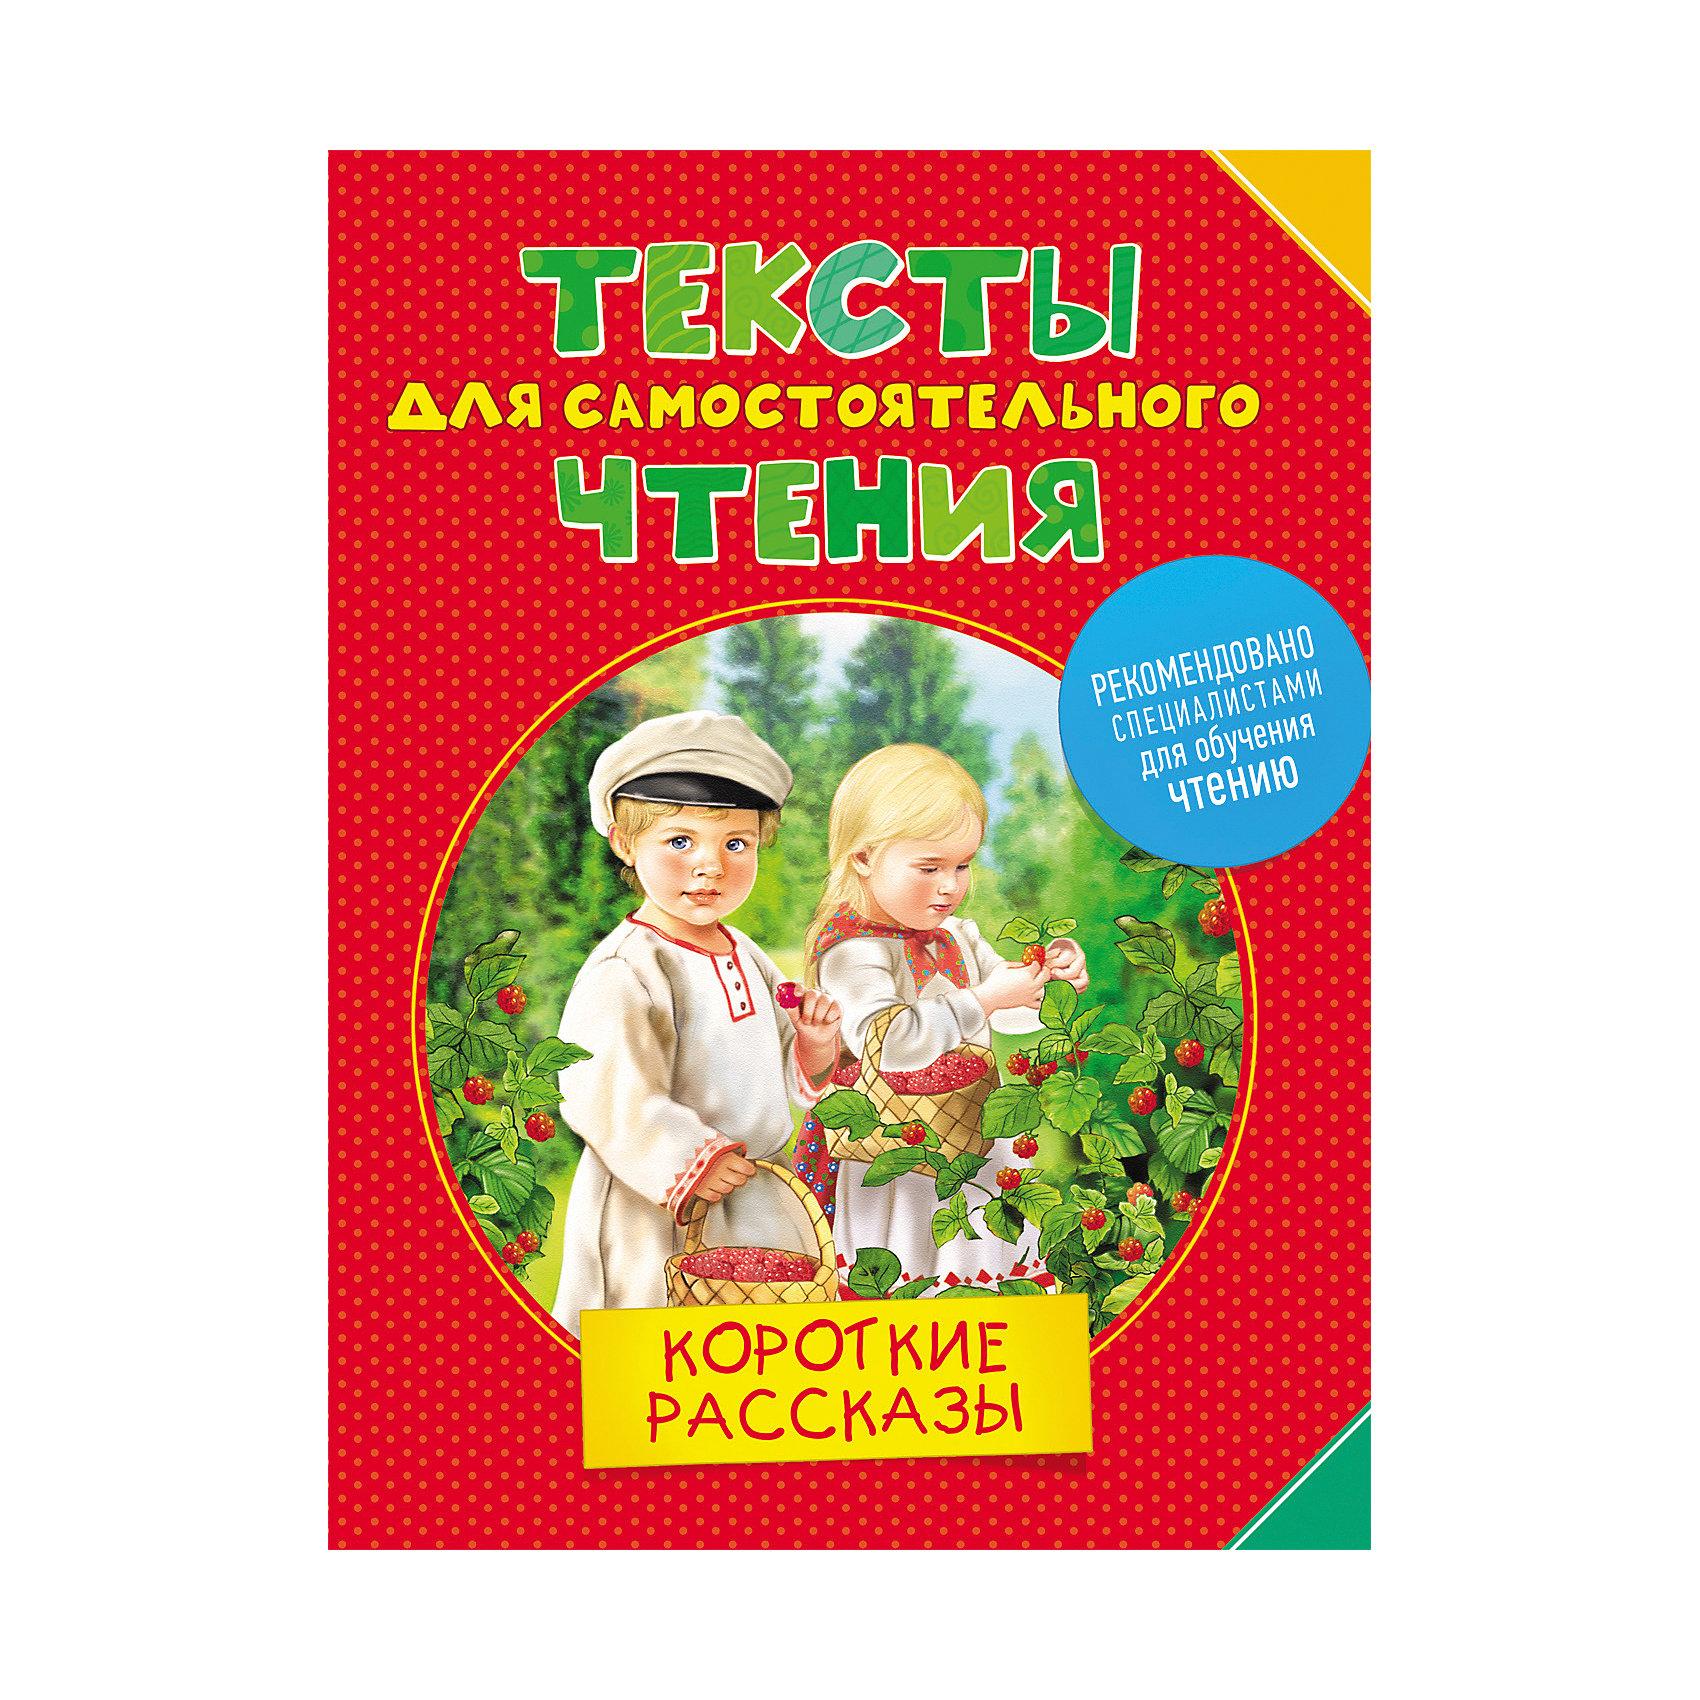 Тексты для самостоятельного чтения. короткие рассказыАзбуки<br>Характеристики товара:<br><br>- цвет: разноцветный;<br>- материал: бумага;<br>- страниц: 40;<br>- формат: 22 х 28 см;<br>- обложка: твердая;<br>- цветные иллюстрации.<br><br>Это проработанное развивающее издание станет отличным подарком для родителей и ребенка. Оно содержит в себе короткие тексты, которые помогут ребенку подготовиться к школе. Простые интересные рассказы, написанные крупным шрифтом и понятным языком и дополненные яркими картинками помогут привить любовь к учебе!<br>Такое чтение помогает ребенку развивать нужные навки, зрительную память, концентрацию внимания и воображение. Издание произведено из качественных материалов, которые безопасны даже для самых маленьких.<br><br>Издание Тексты для самостоятельного чтения. короткие рассказы от компании Росмэн можно купить в нашем интернет-магазине.<br><br>Ширина мм: 282<br>Глубина мм: 218<br>Высота мм: 7<br>Вес г: 311<br>Возраст от месяцев: 60<br>Возраст до месяцев: 84<br>Пол: Унисекс<br>Возраст: Детский<br>SKU: 5110180